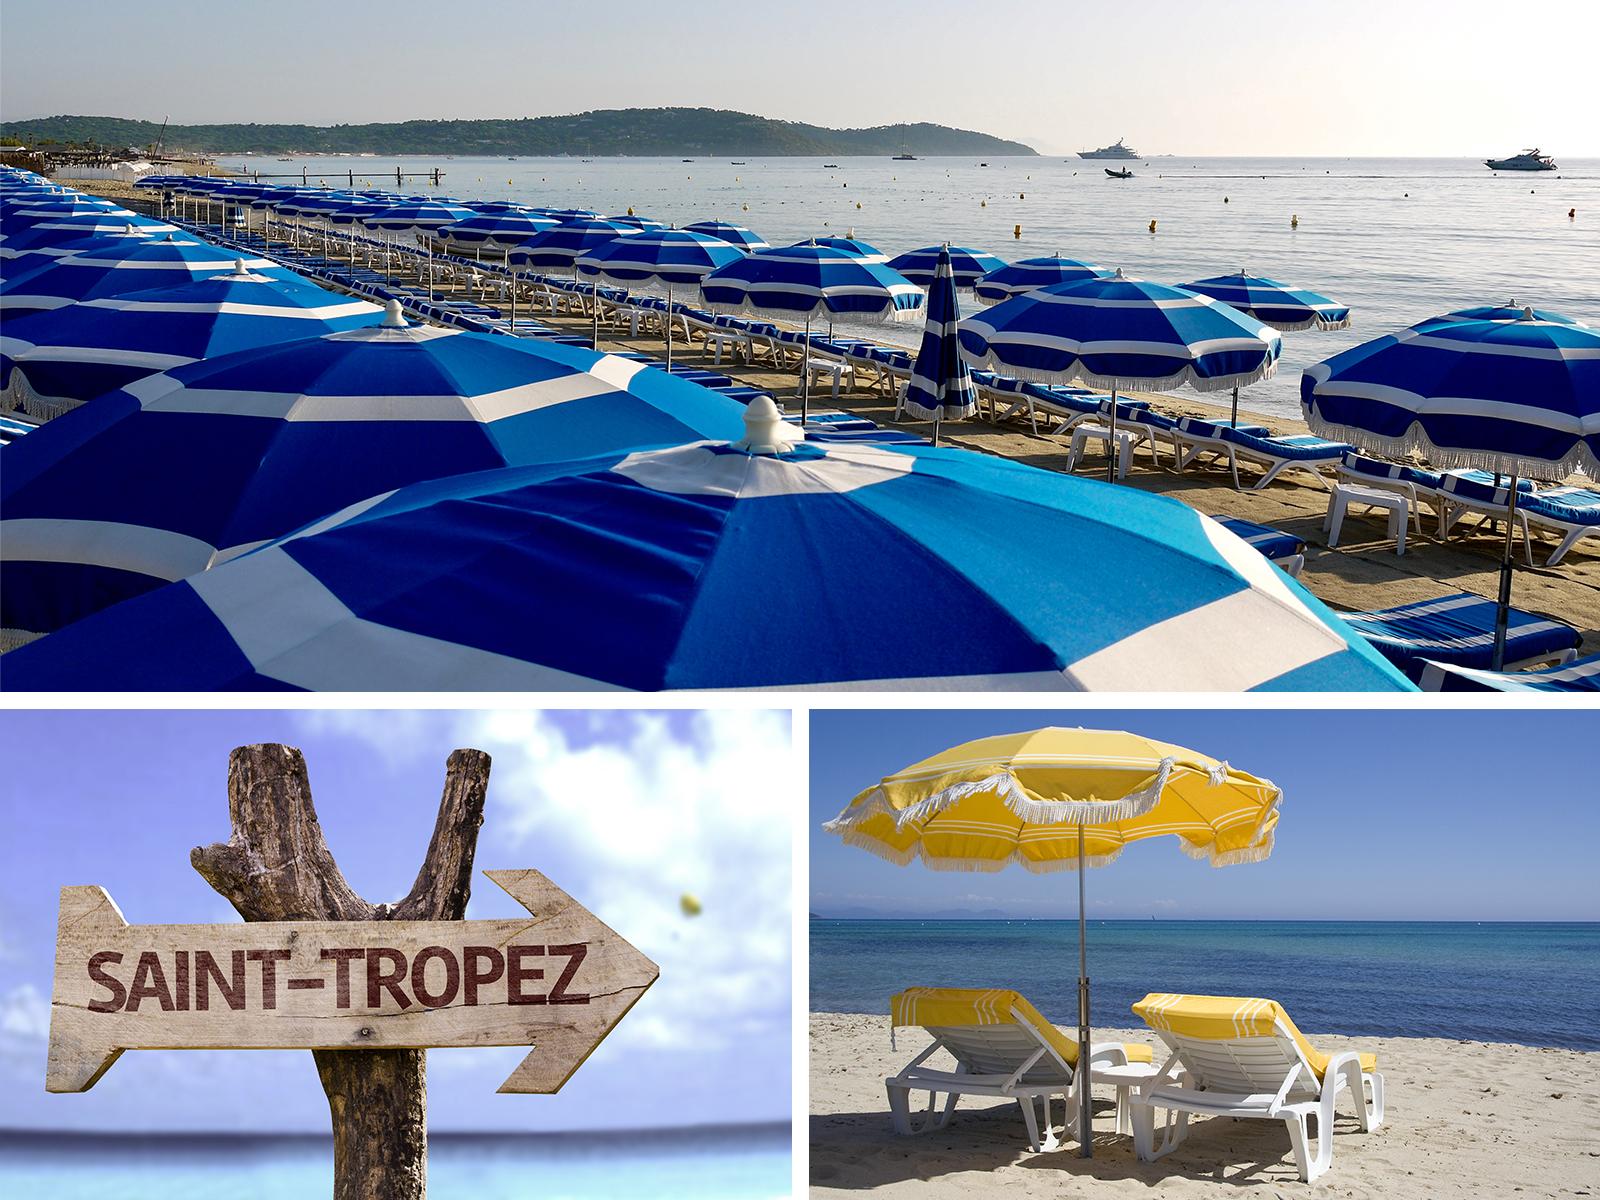 Day4_-_Saint_Tropez.jpg?1556212379